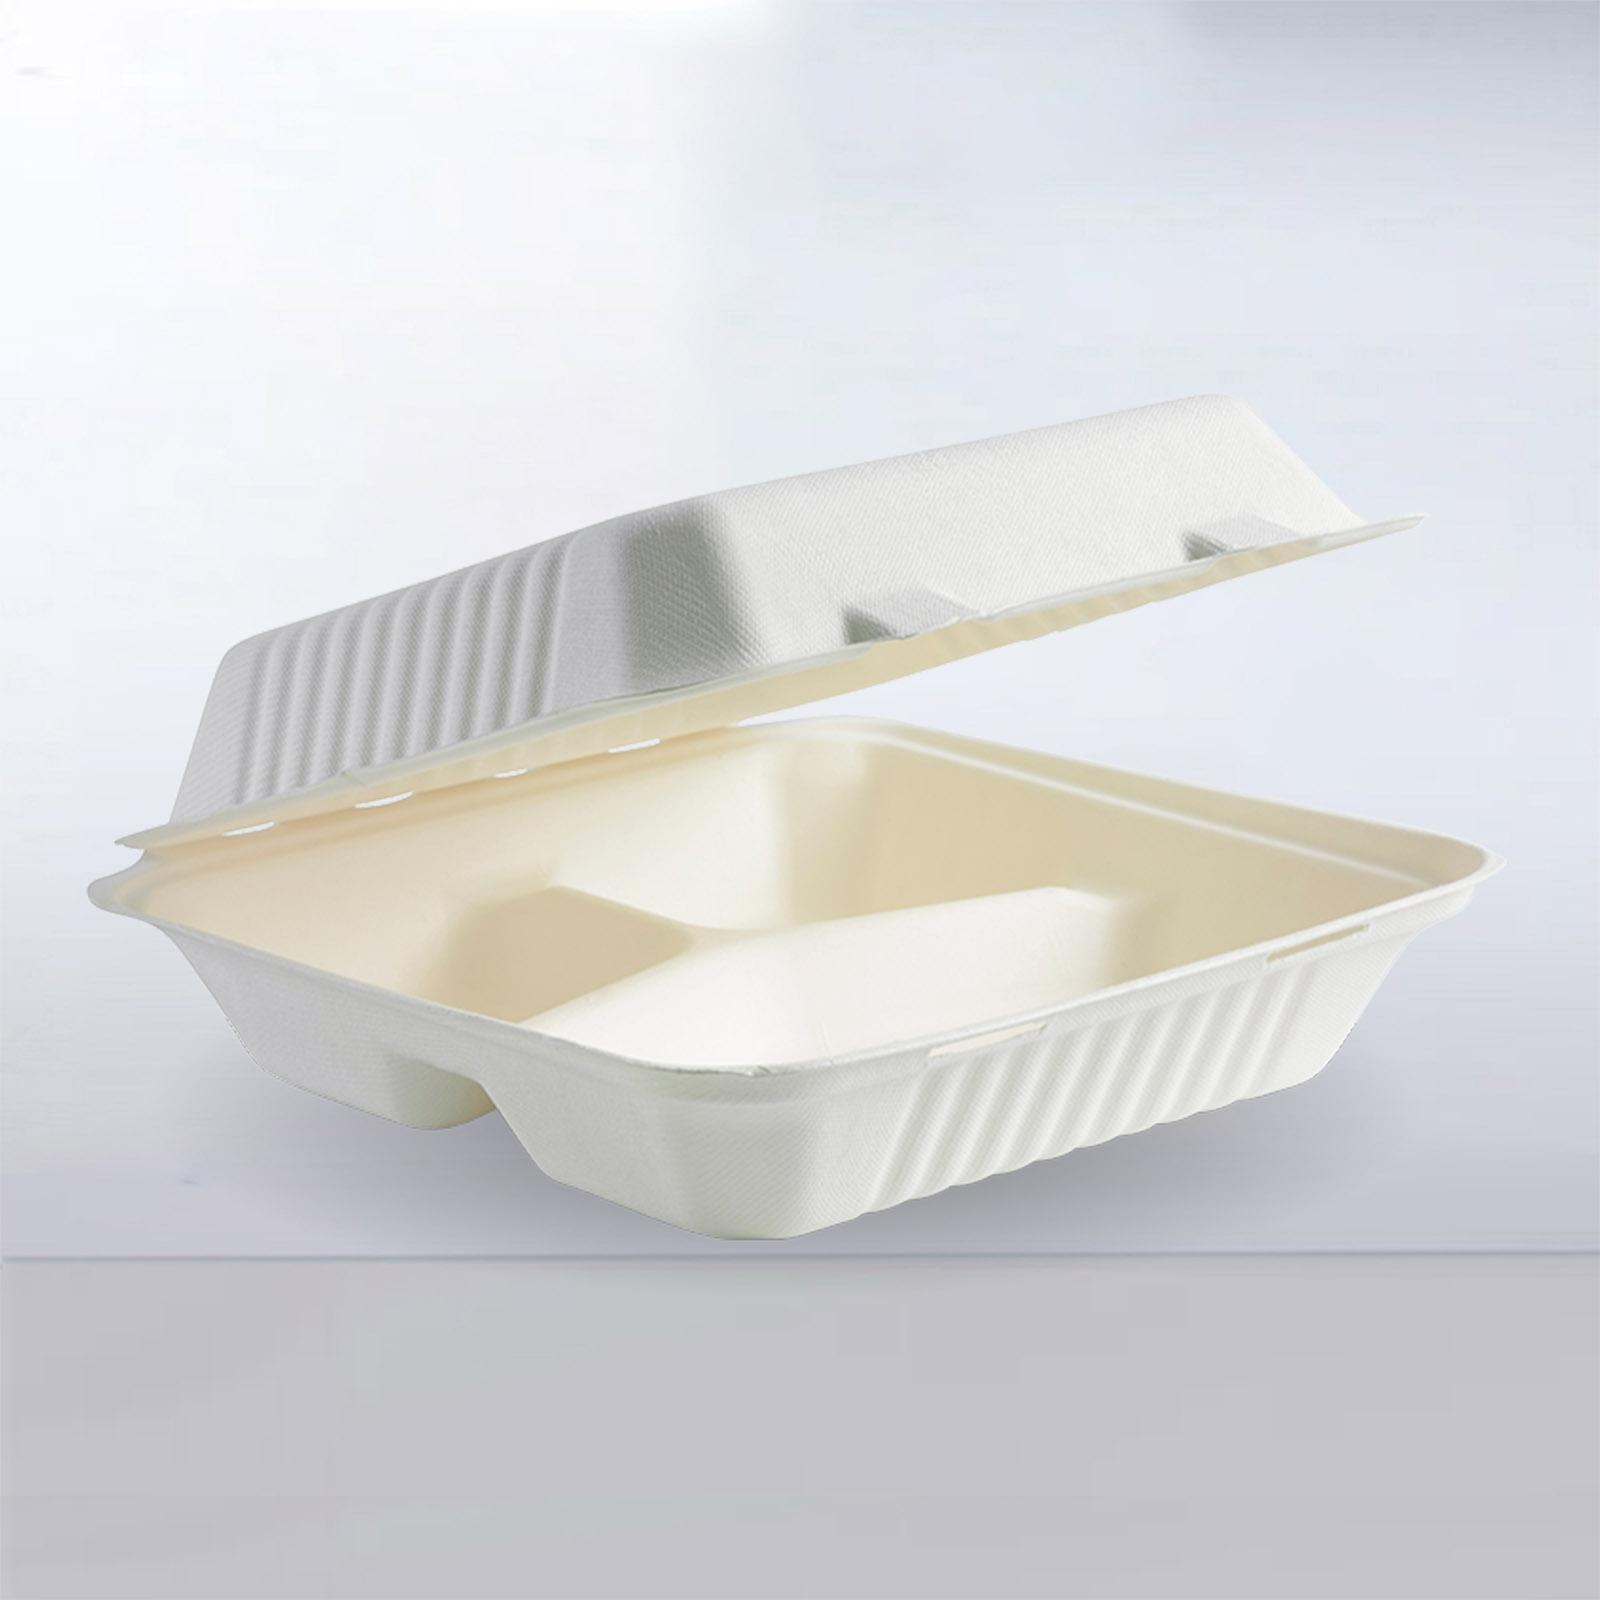 挤出级级降解材料应用-耐热餐盒.jpg